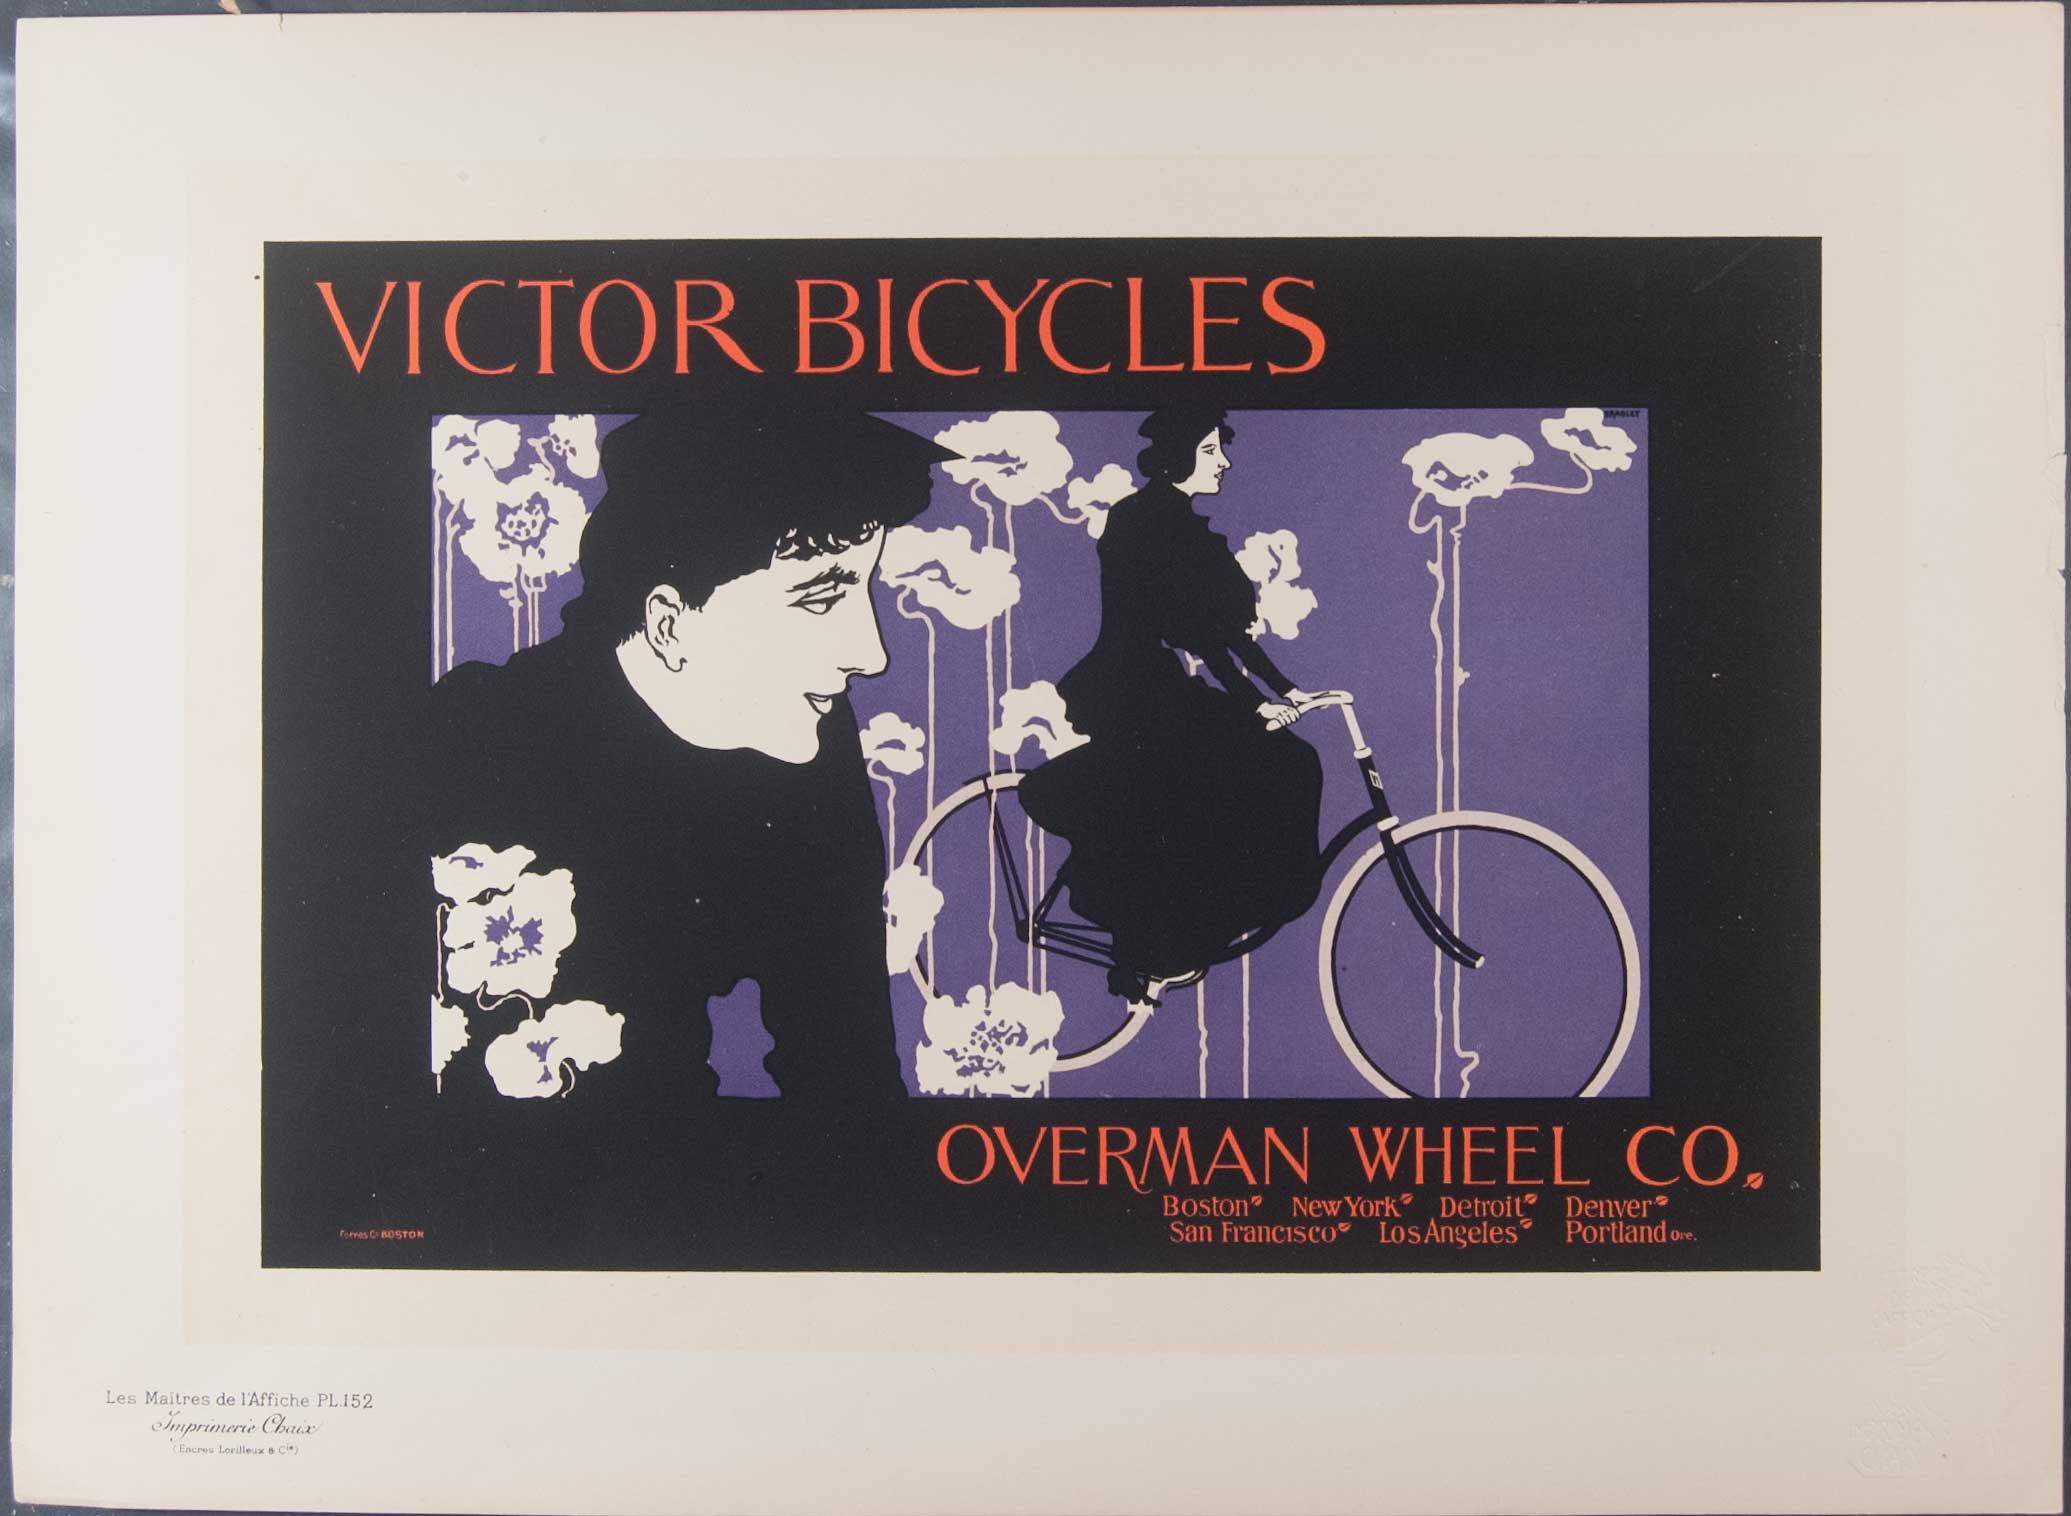 Victor Bicycle – Overman Wheel